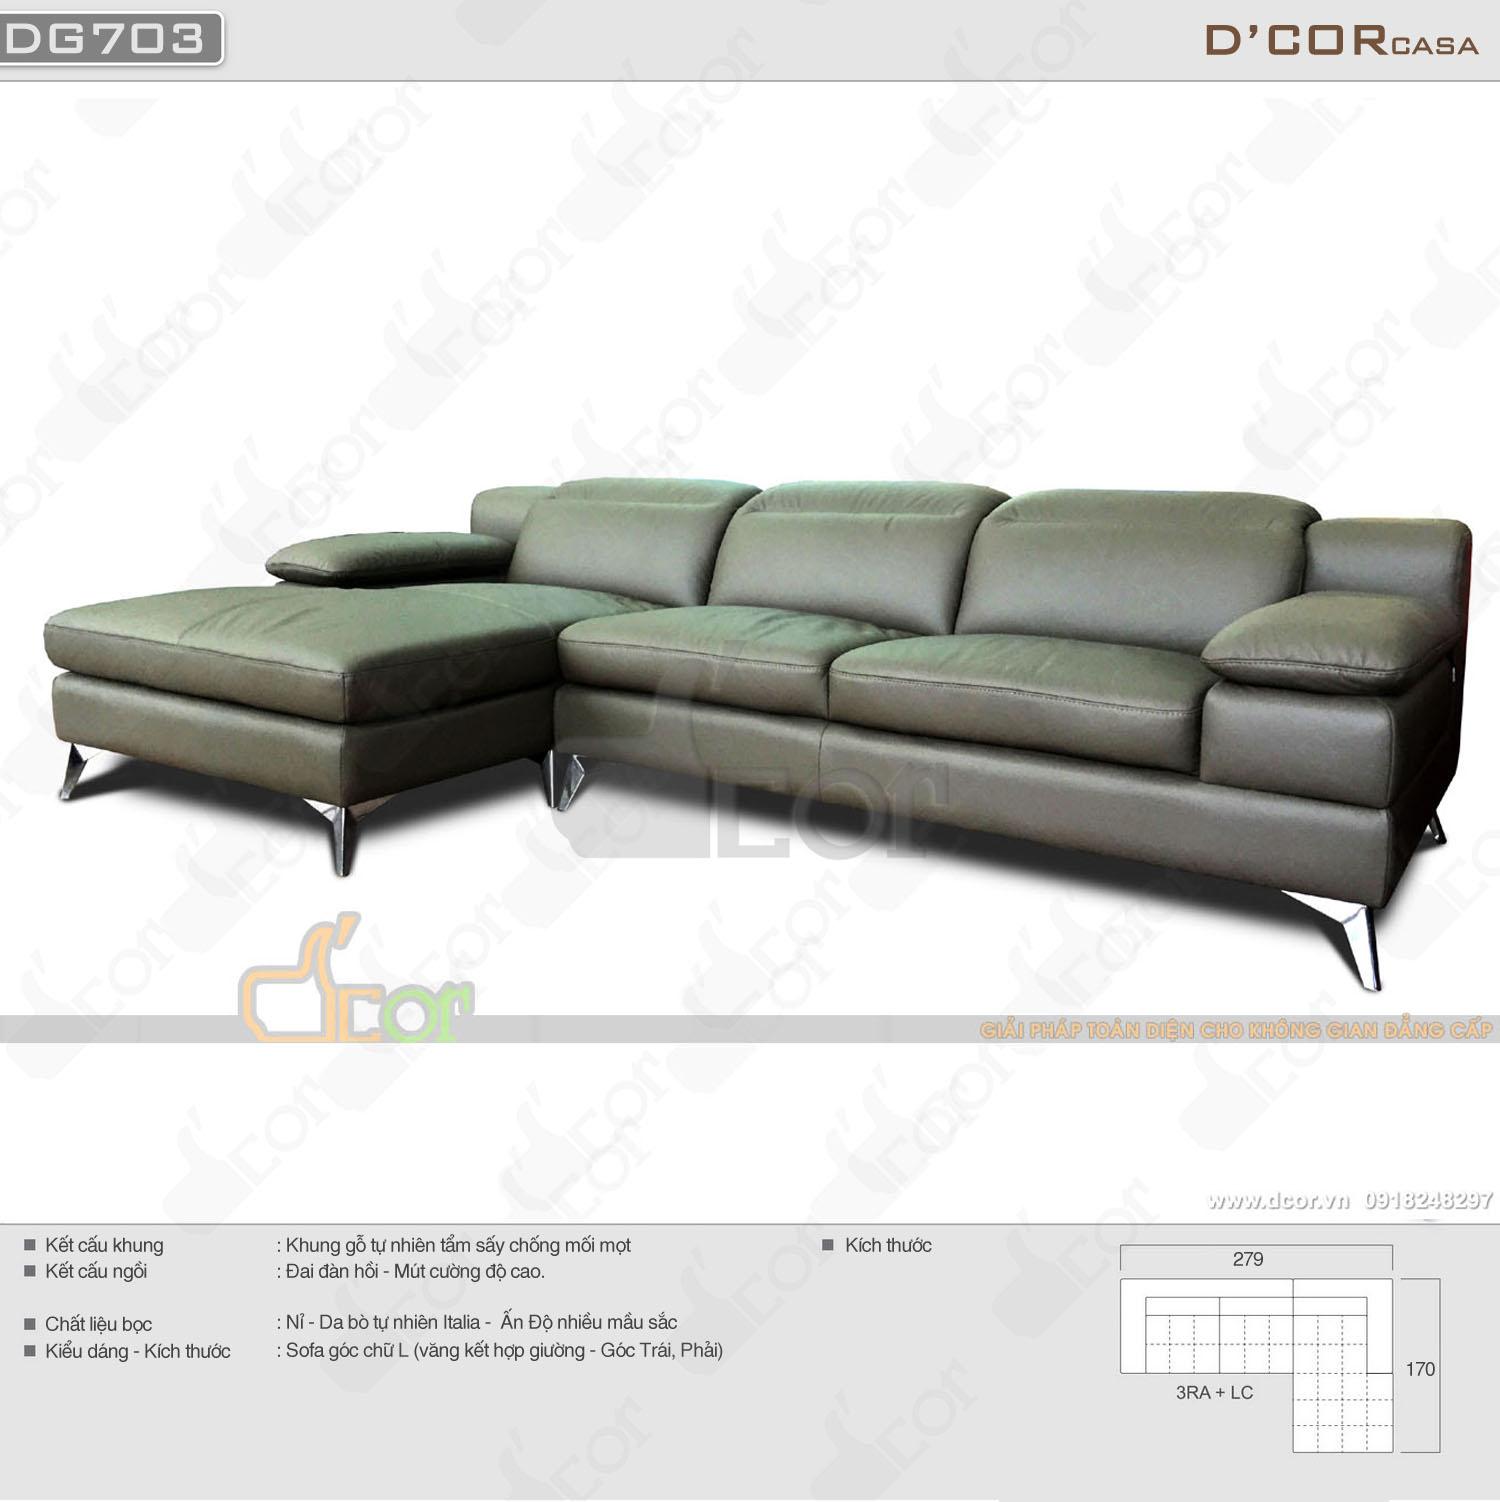 Sofa nhập khẩu cao cấp Malaysia da thật 100%  DG703 cho phòng khách hiện đại